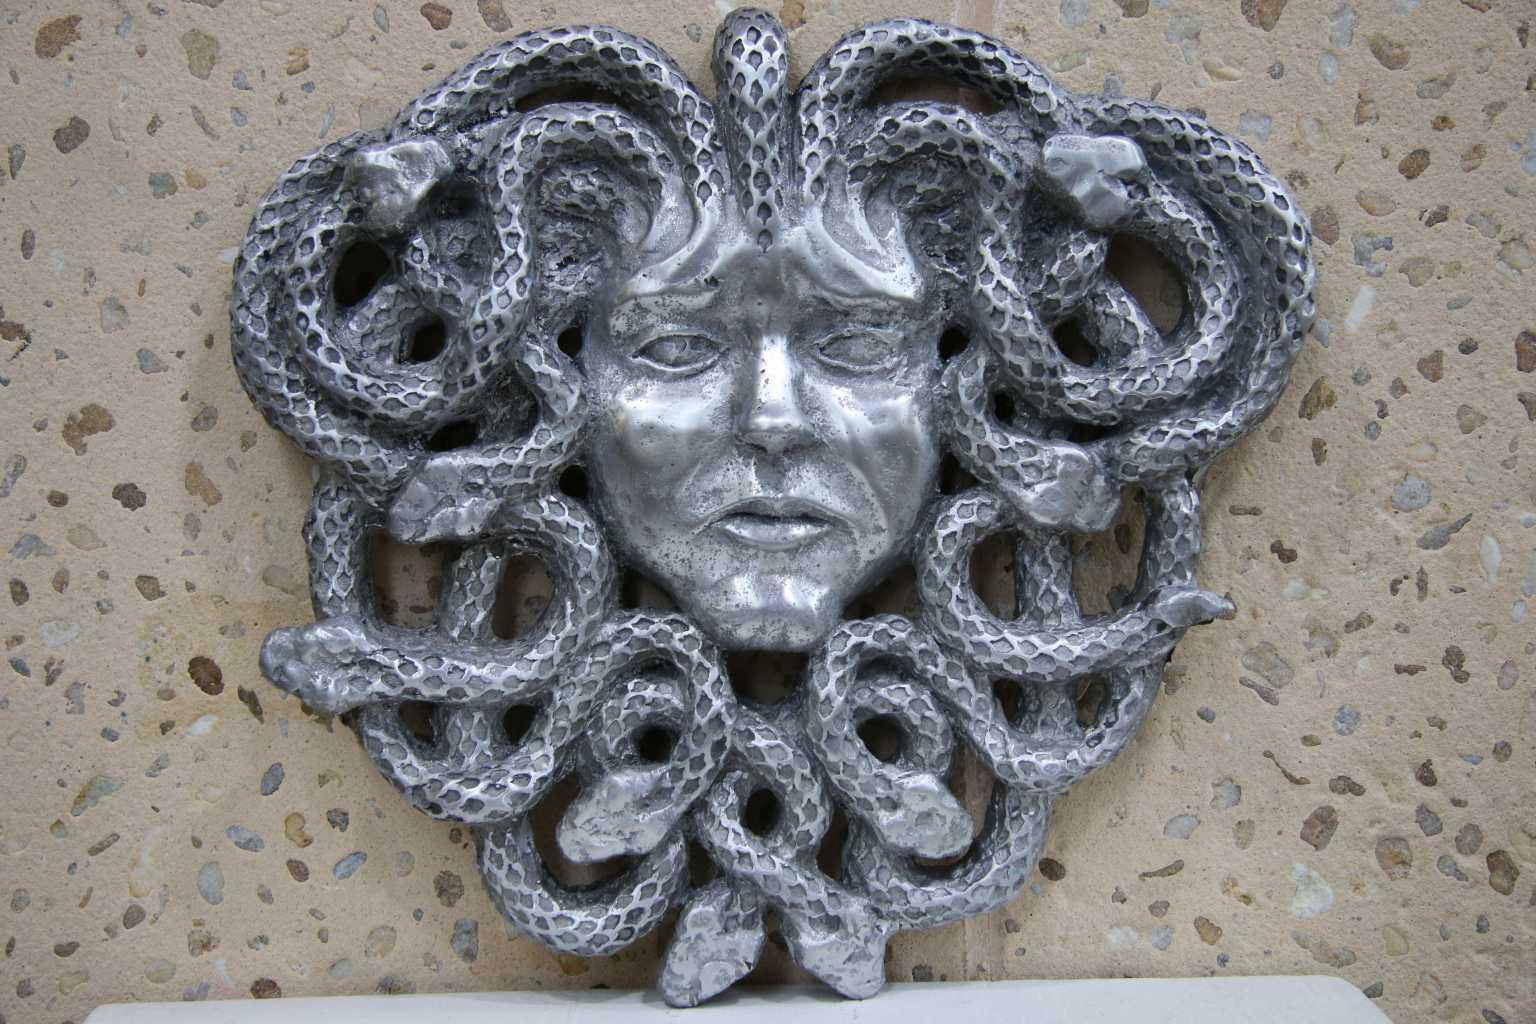 Medusa by Andy Hollar